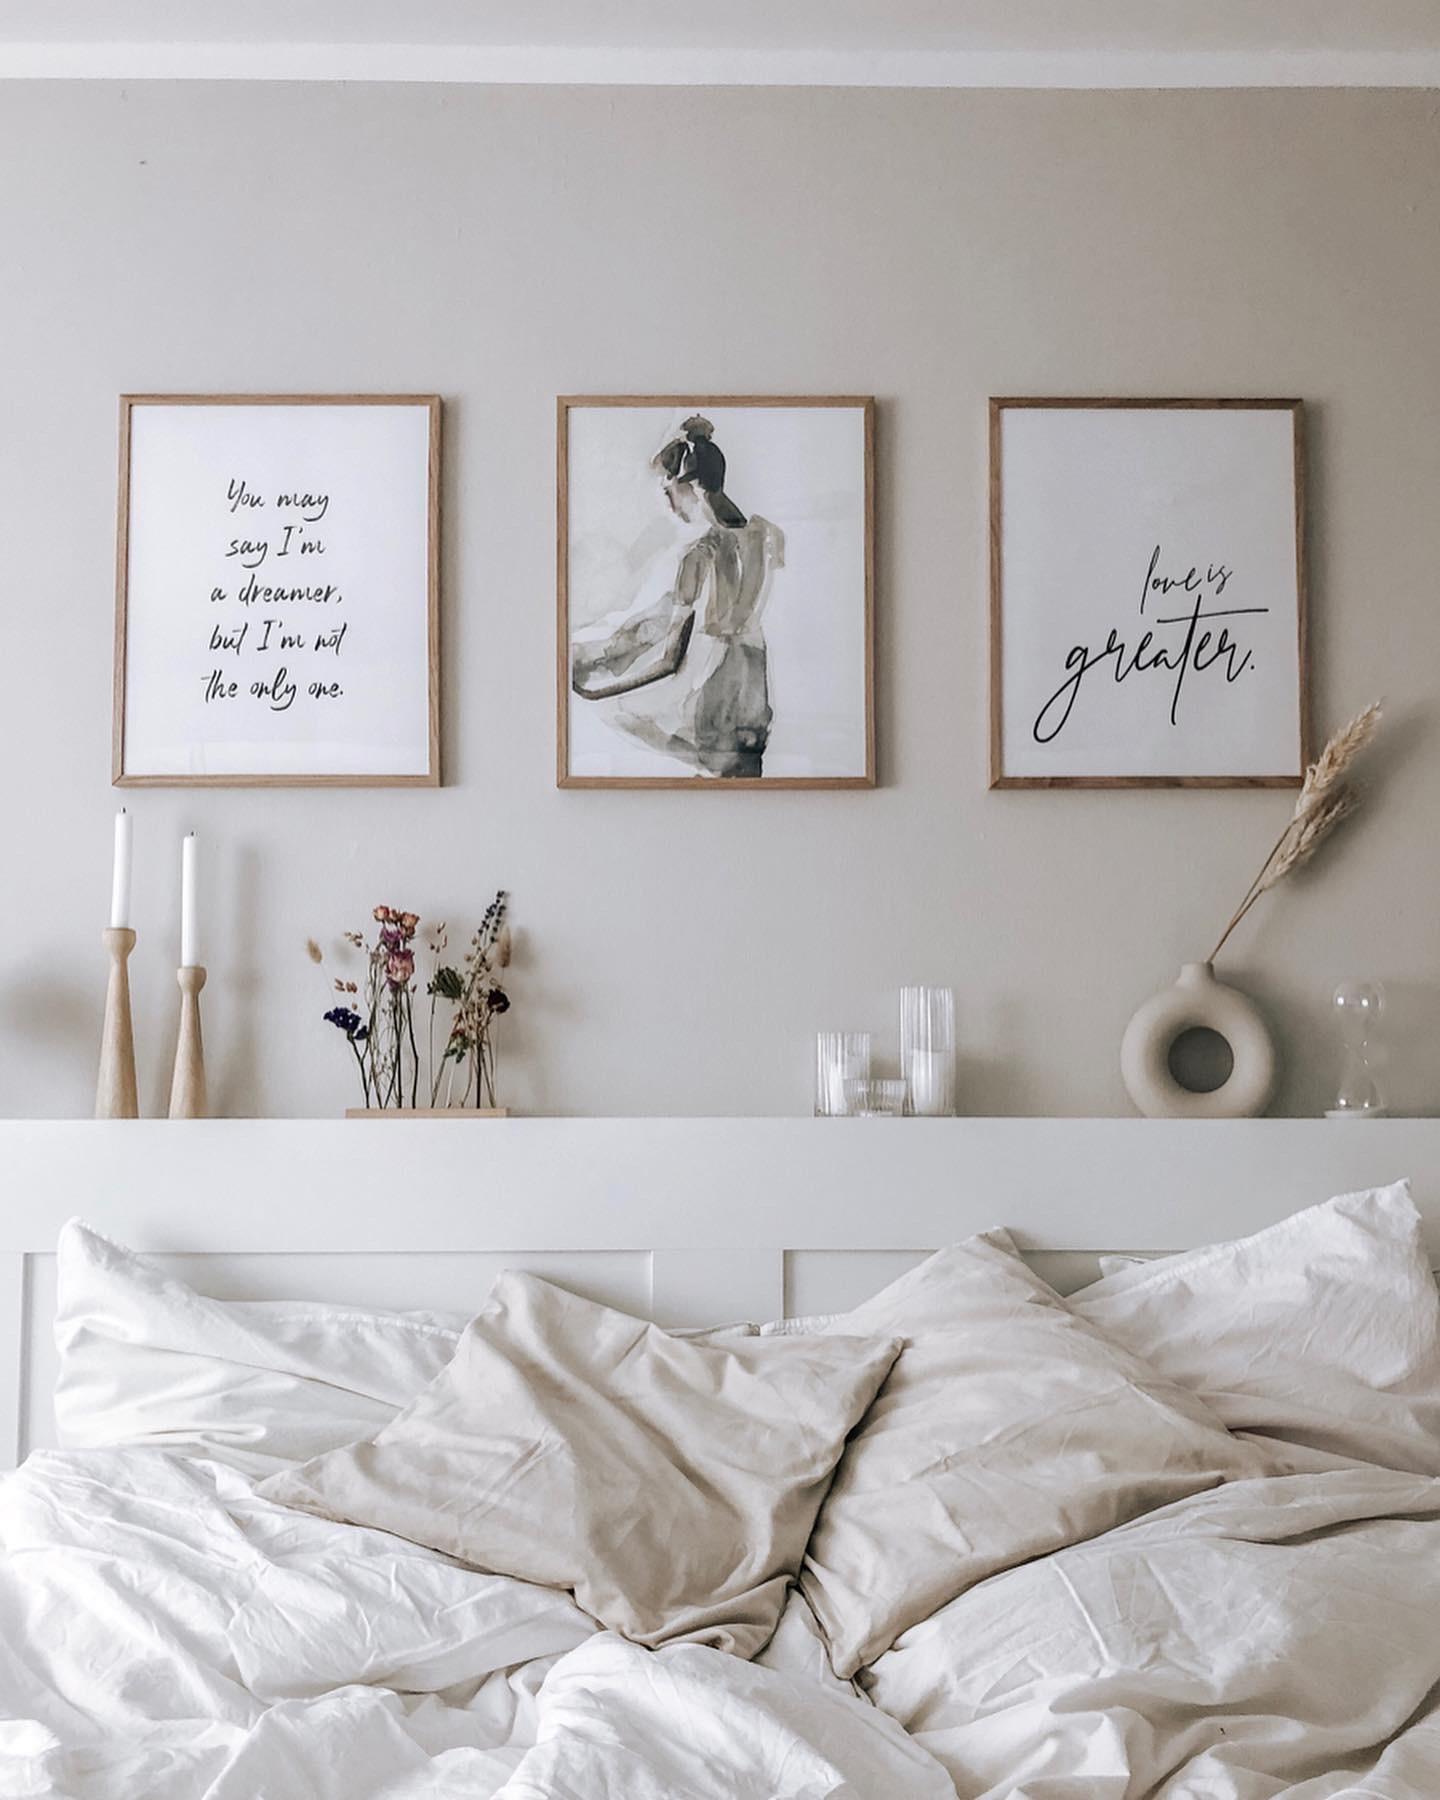 schlafzimmer #new #poster #cozy #beige #naturtöne #